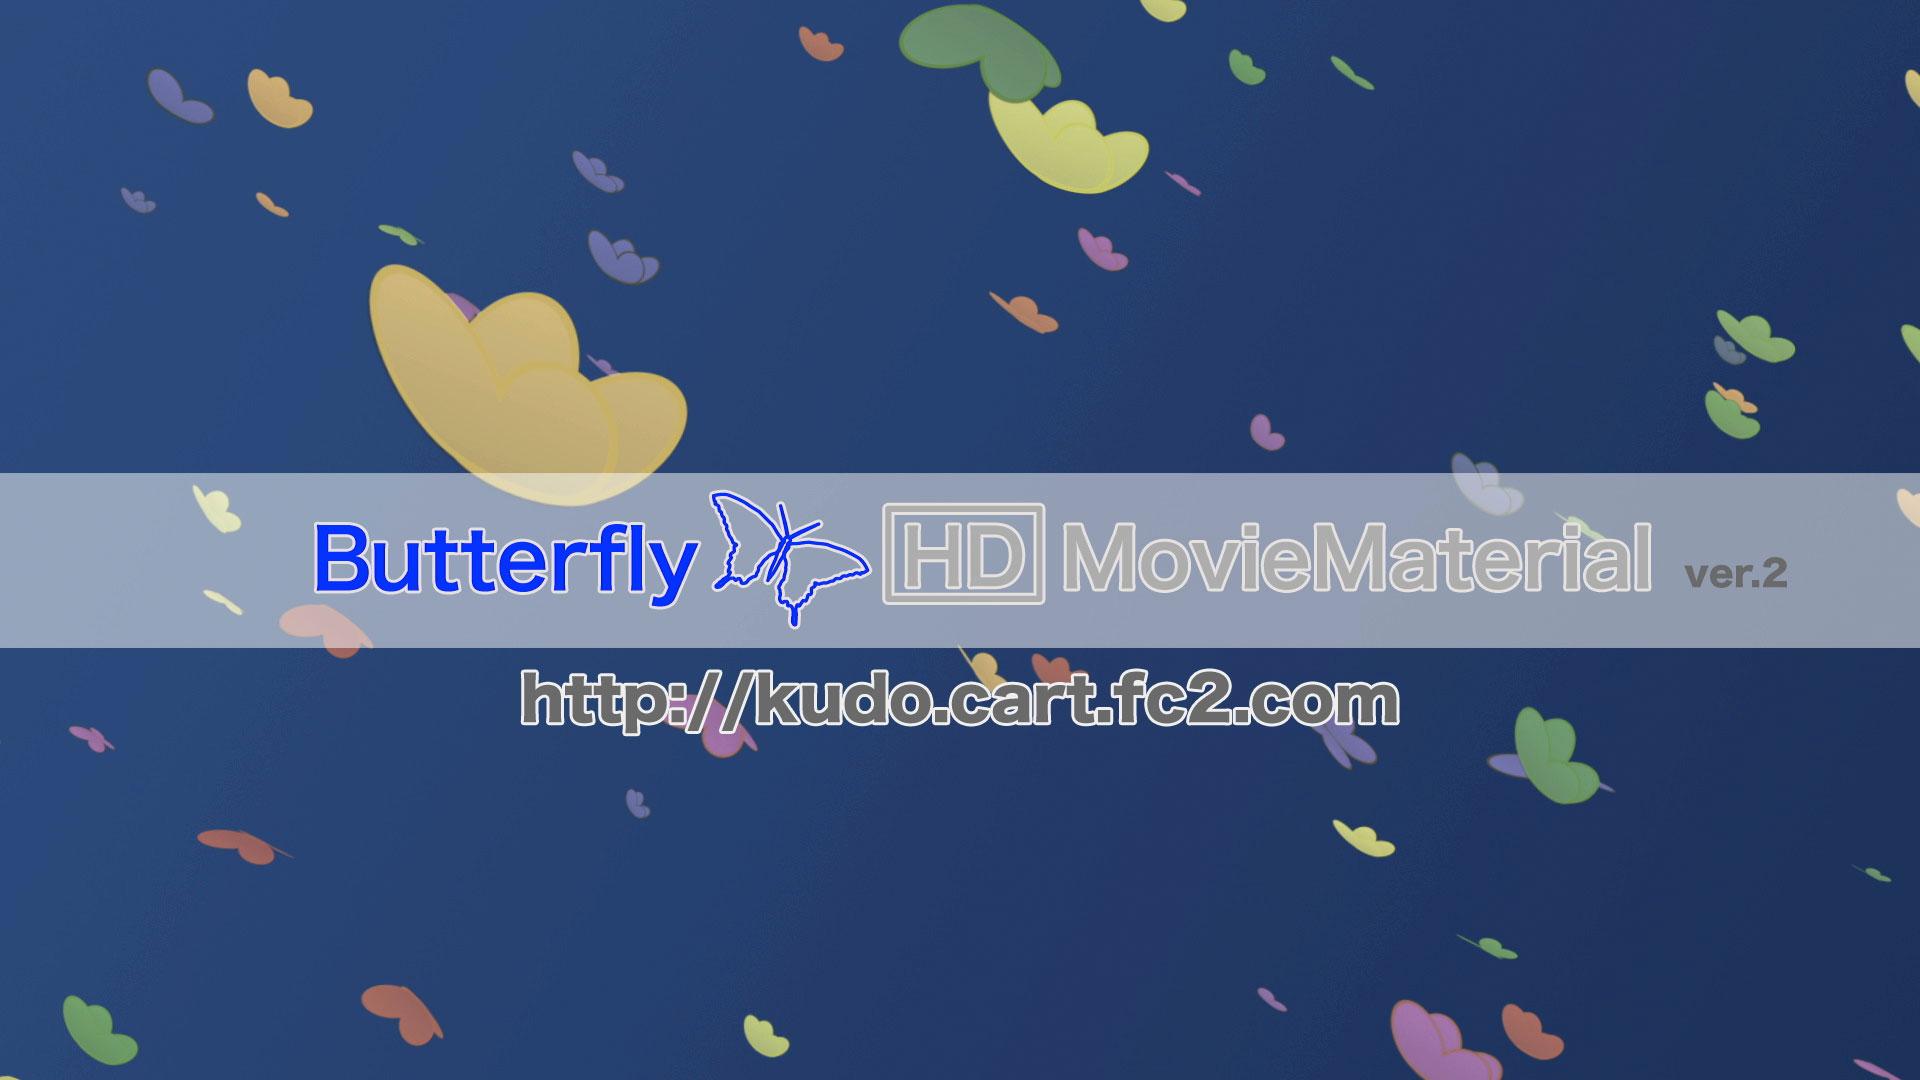 蝶のハイビジョンCG動画素材集【Butterfly HD MovieMaterial】1